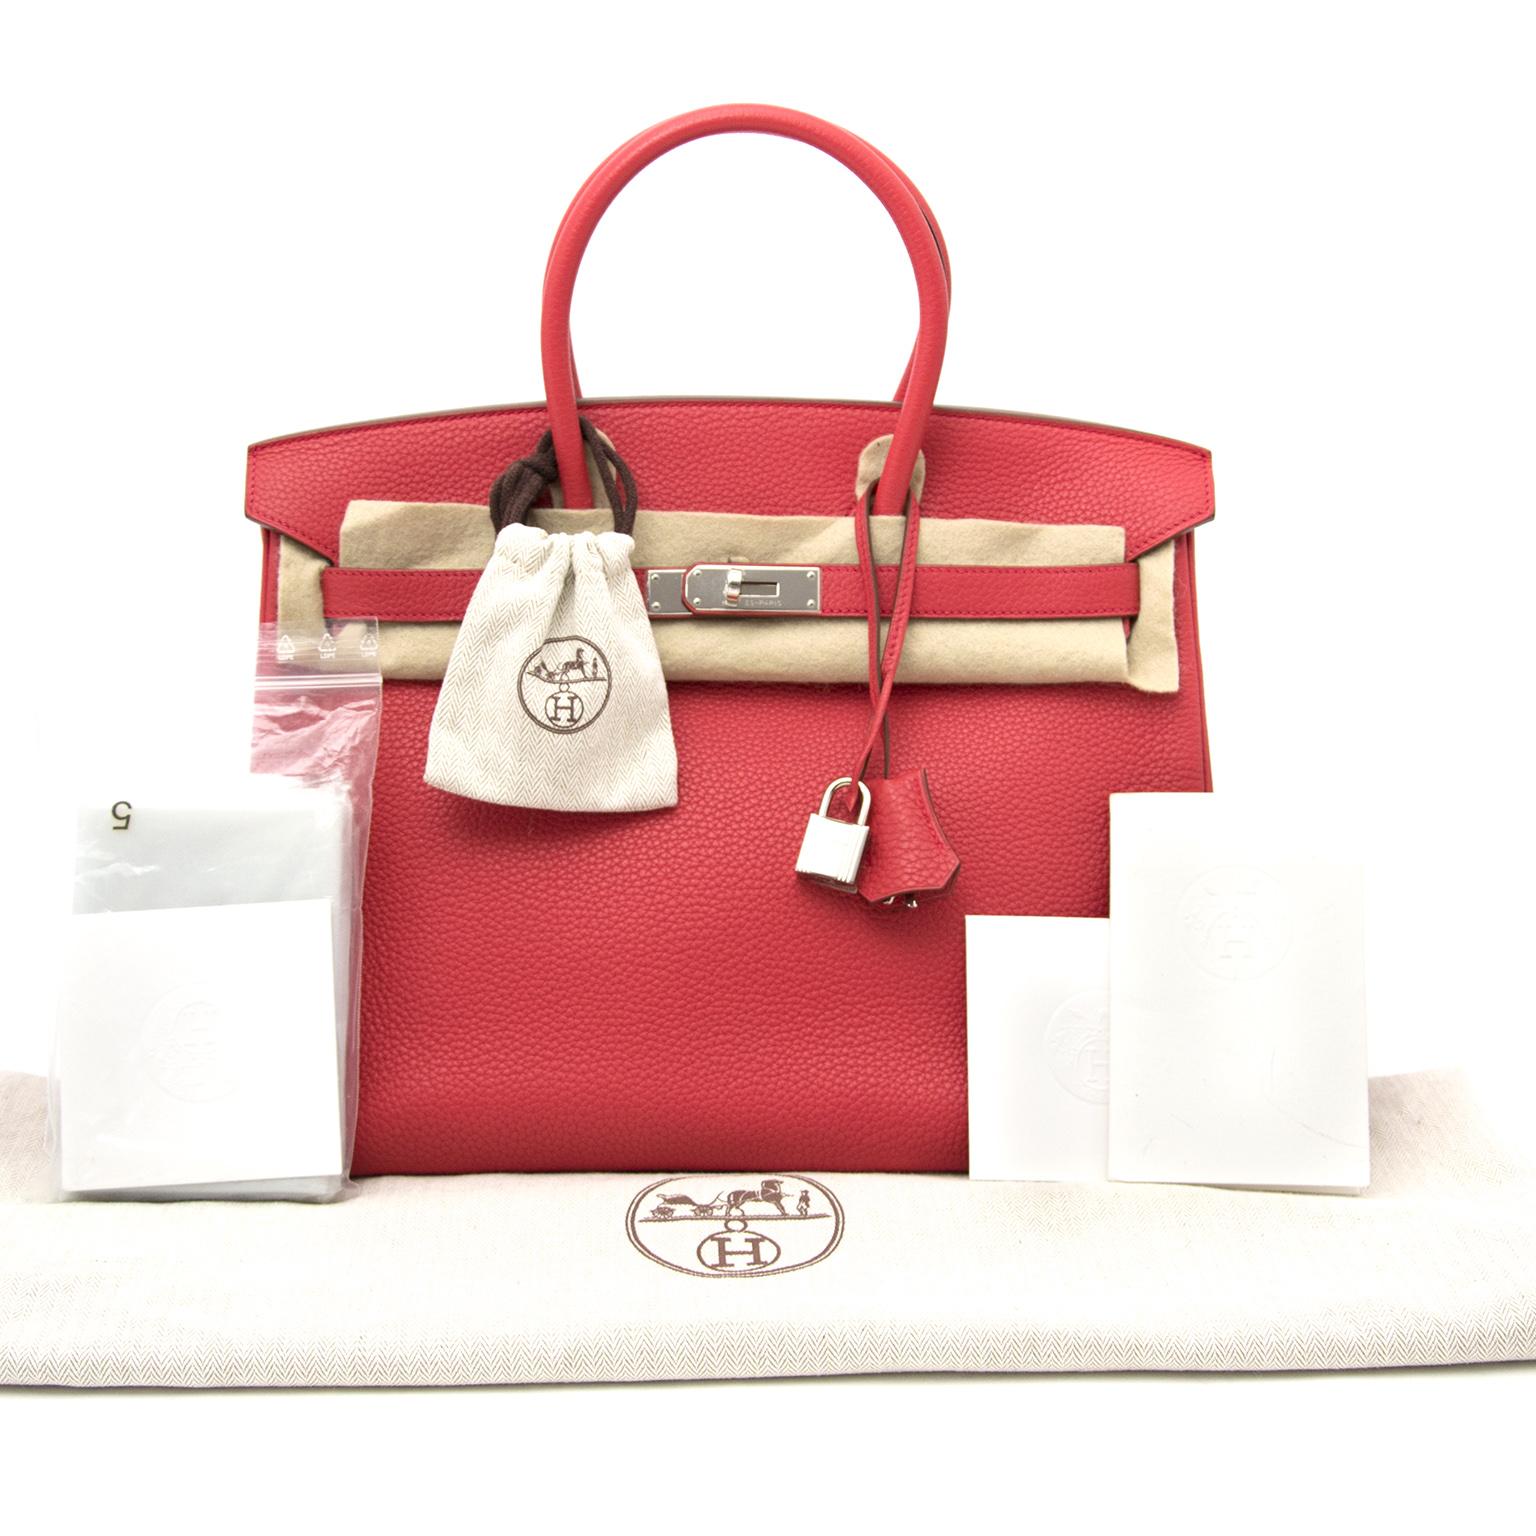 acheter en ligne pour le meilleur prix Brand New Hermes Birkin 35 Clemence Taurillon Bougainvillea